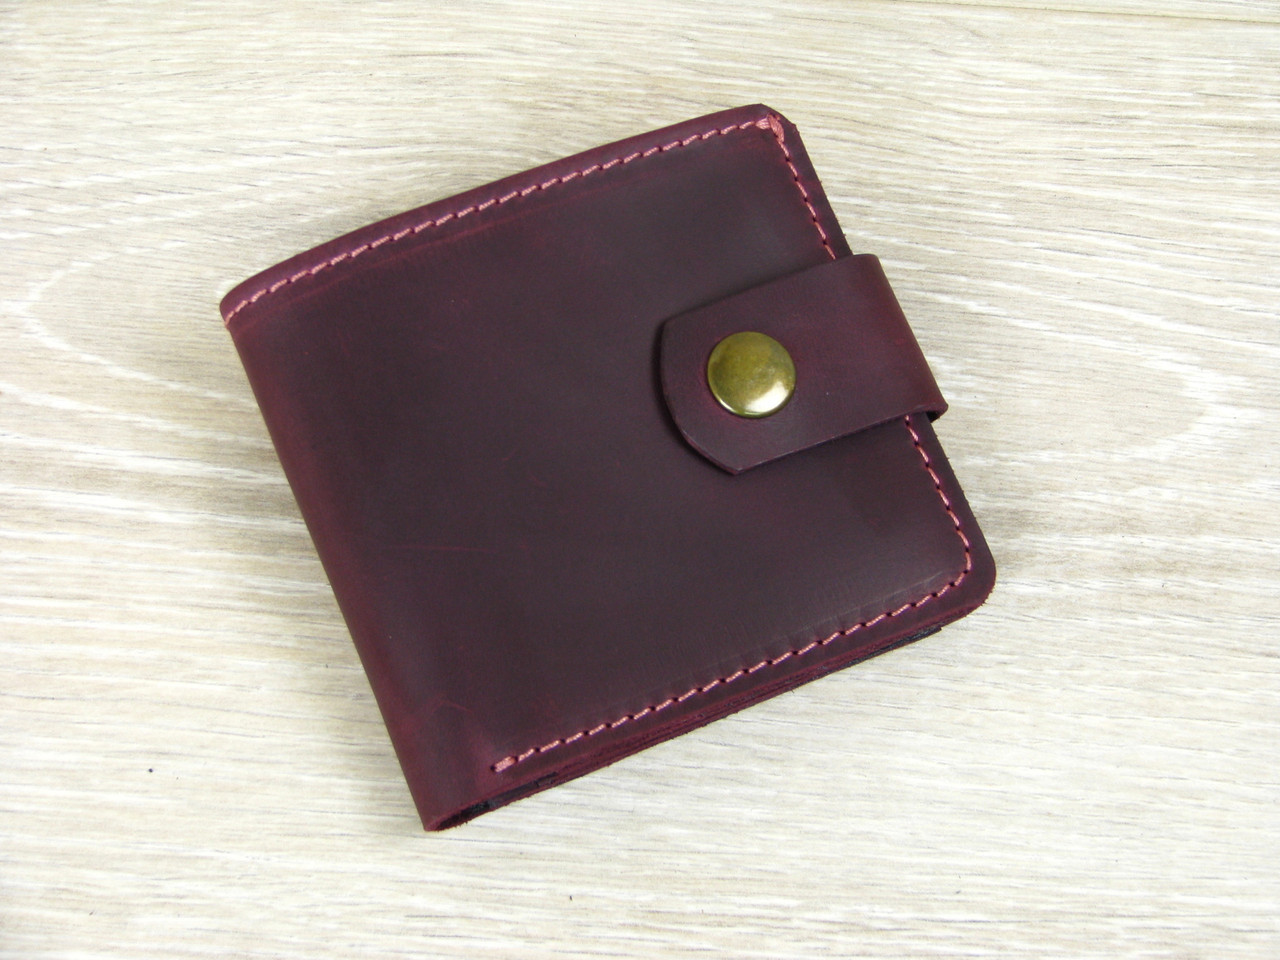 Женский кошелек бумажник GS кожаный бордовый